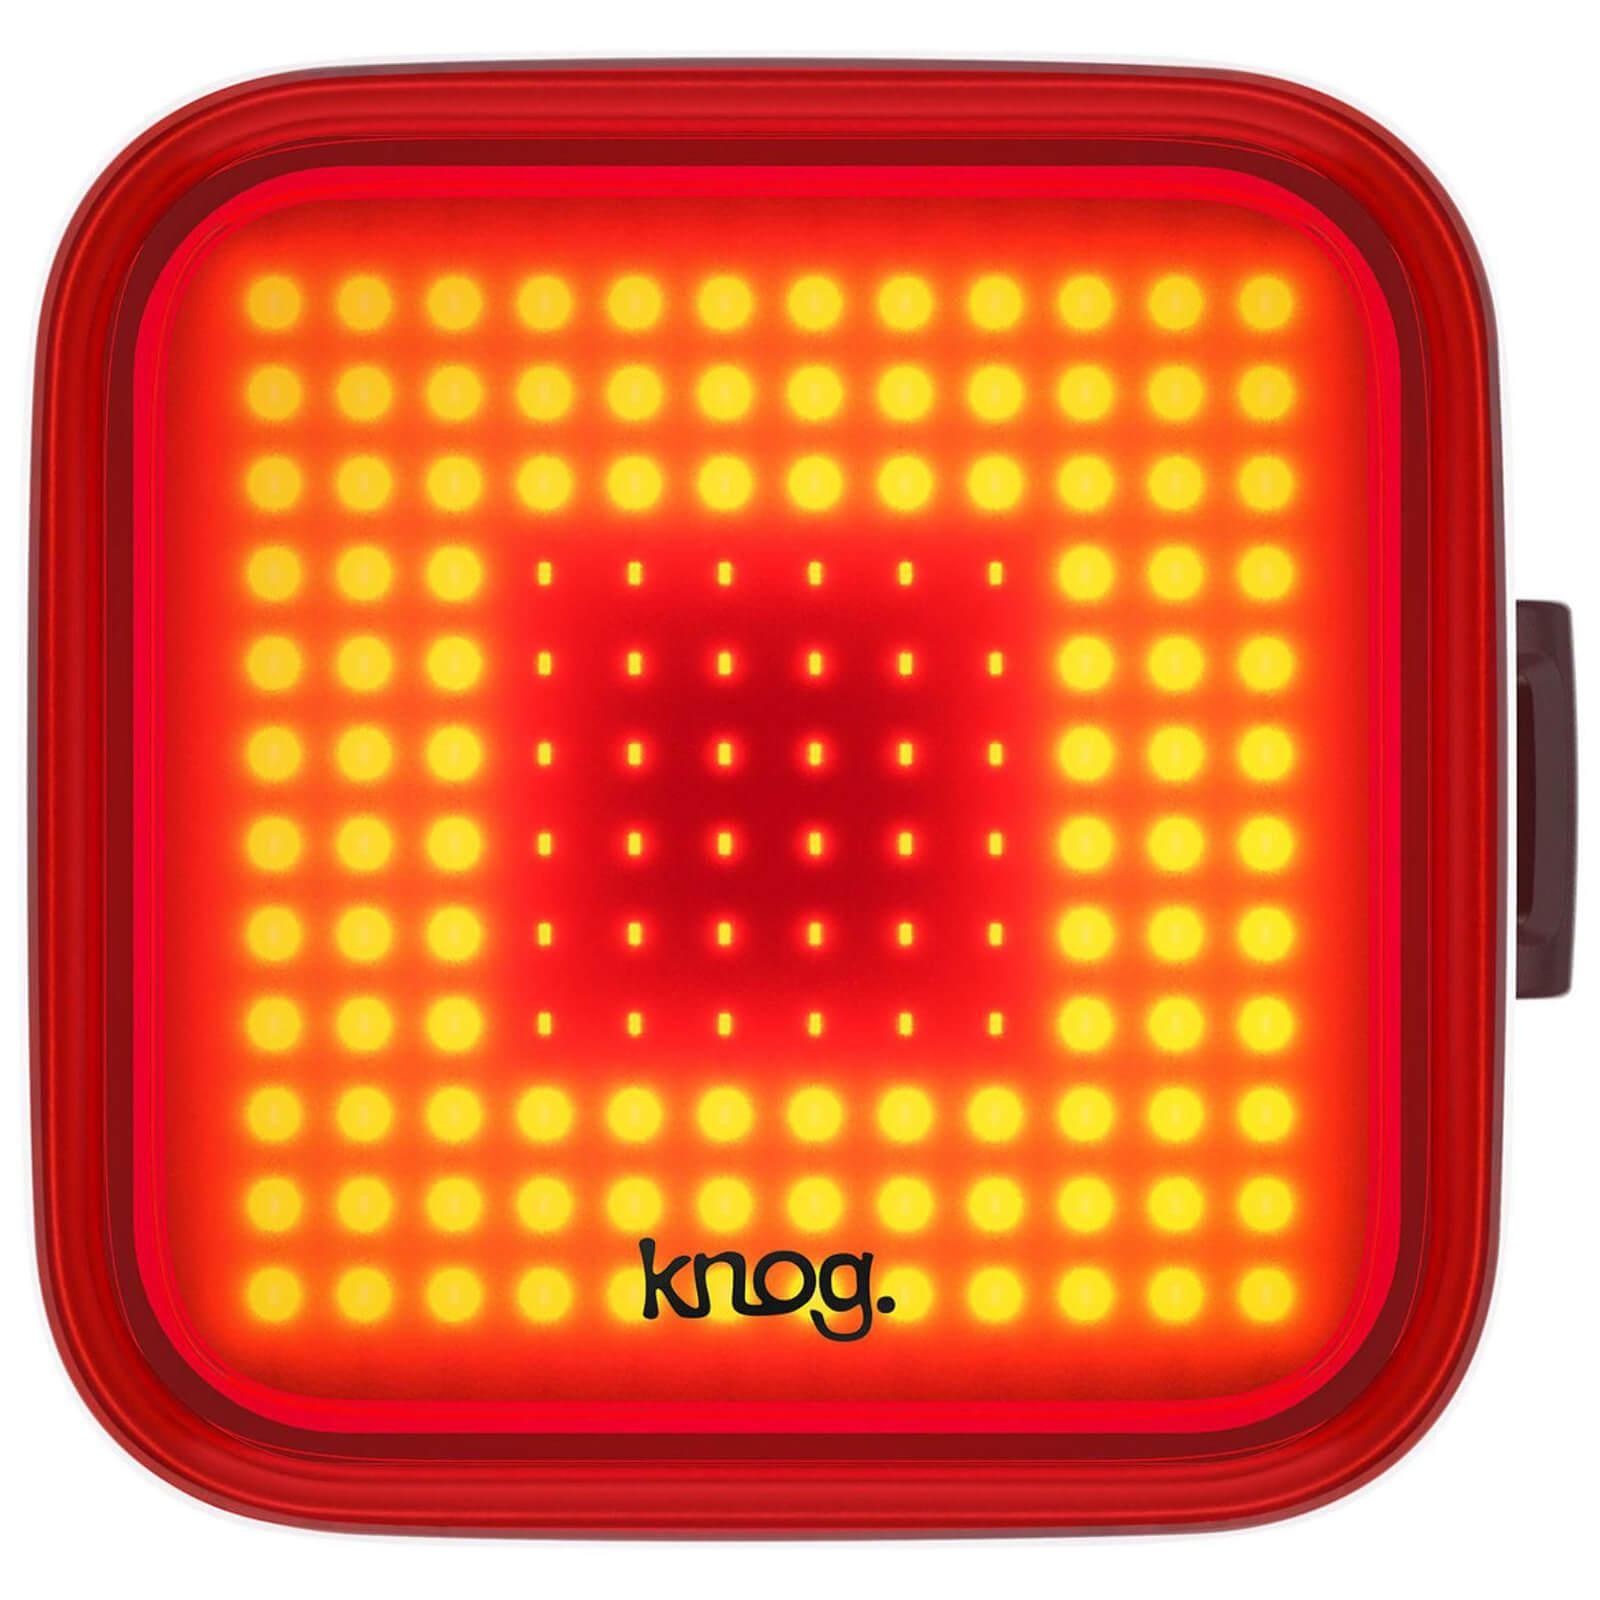 Knog Blinder Rear Light - Square;